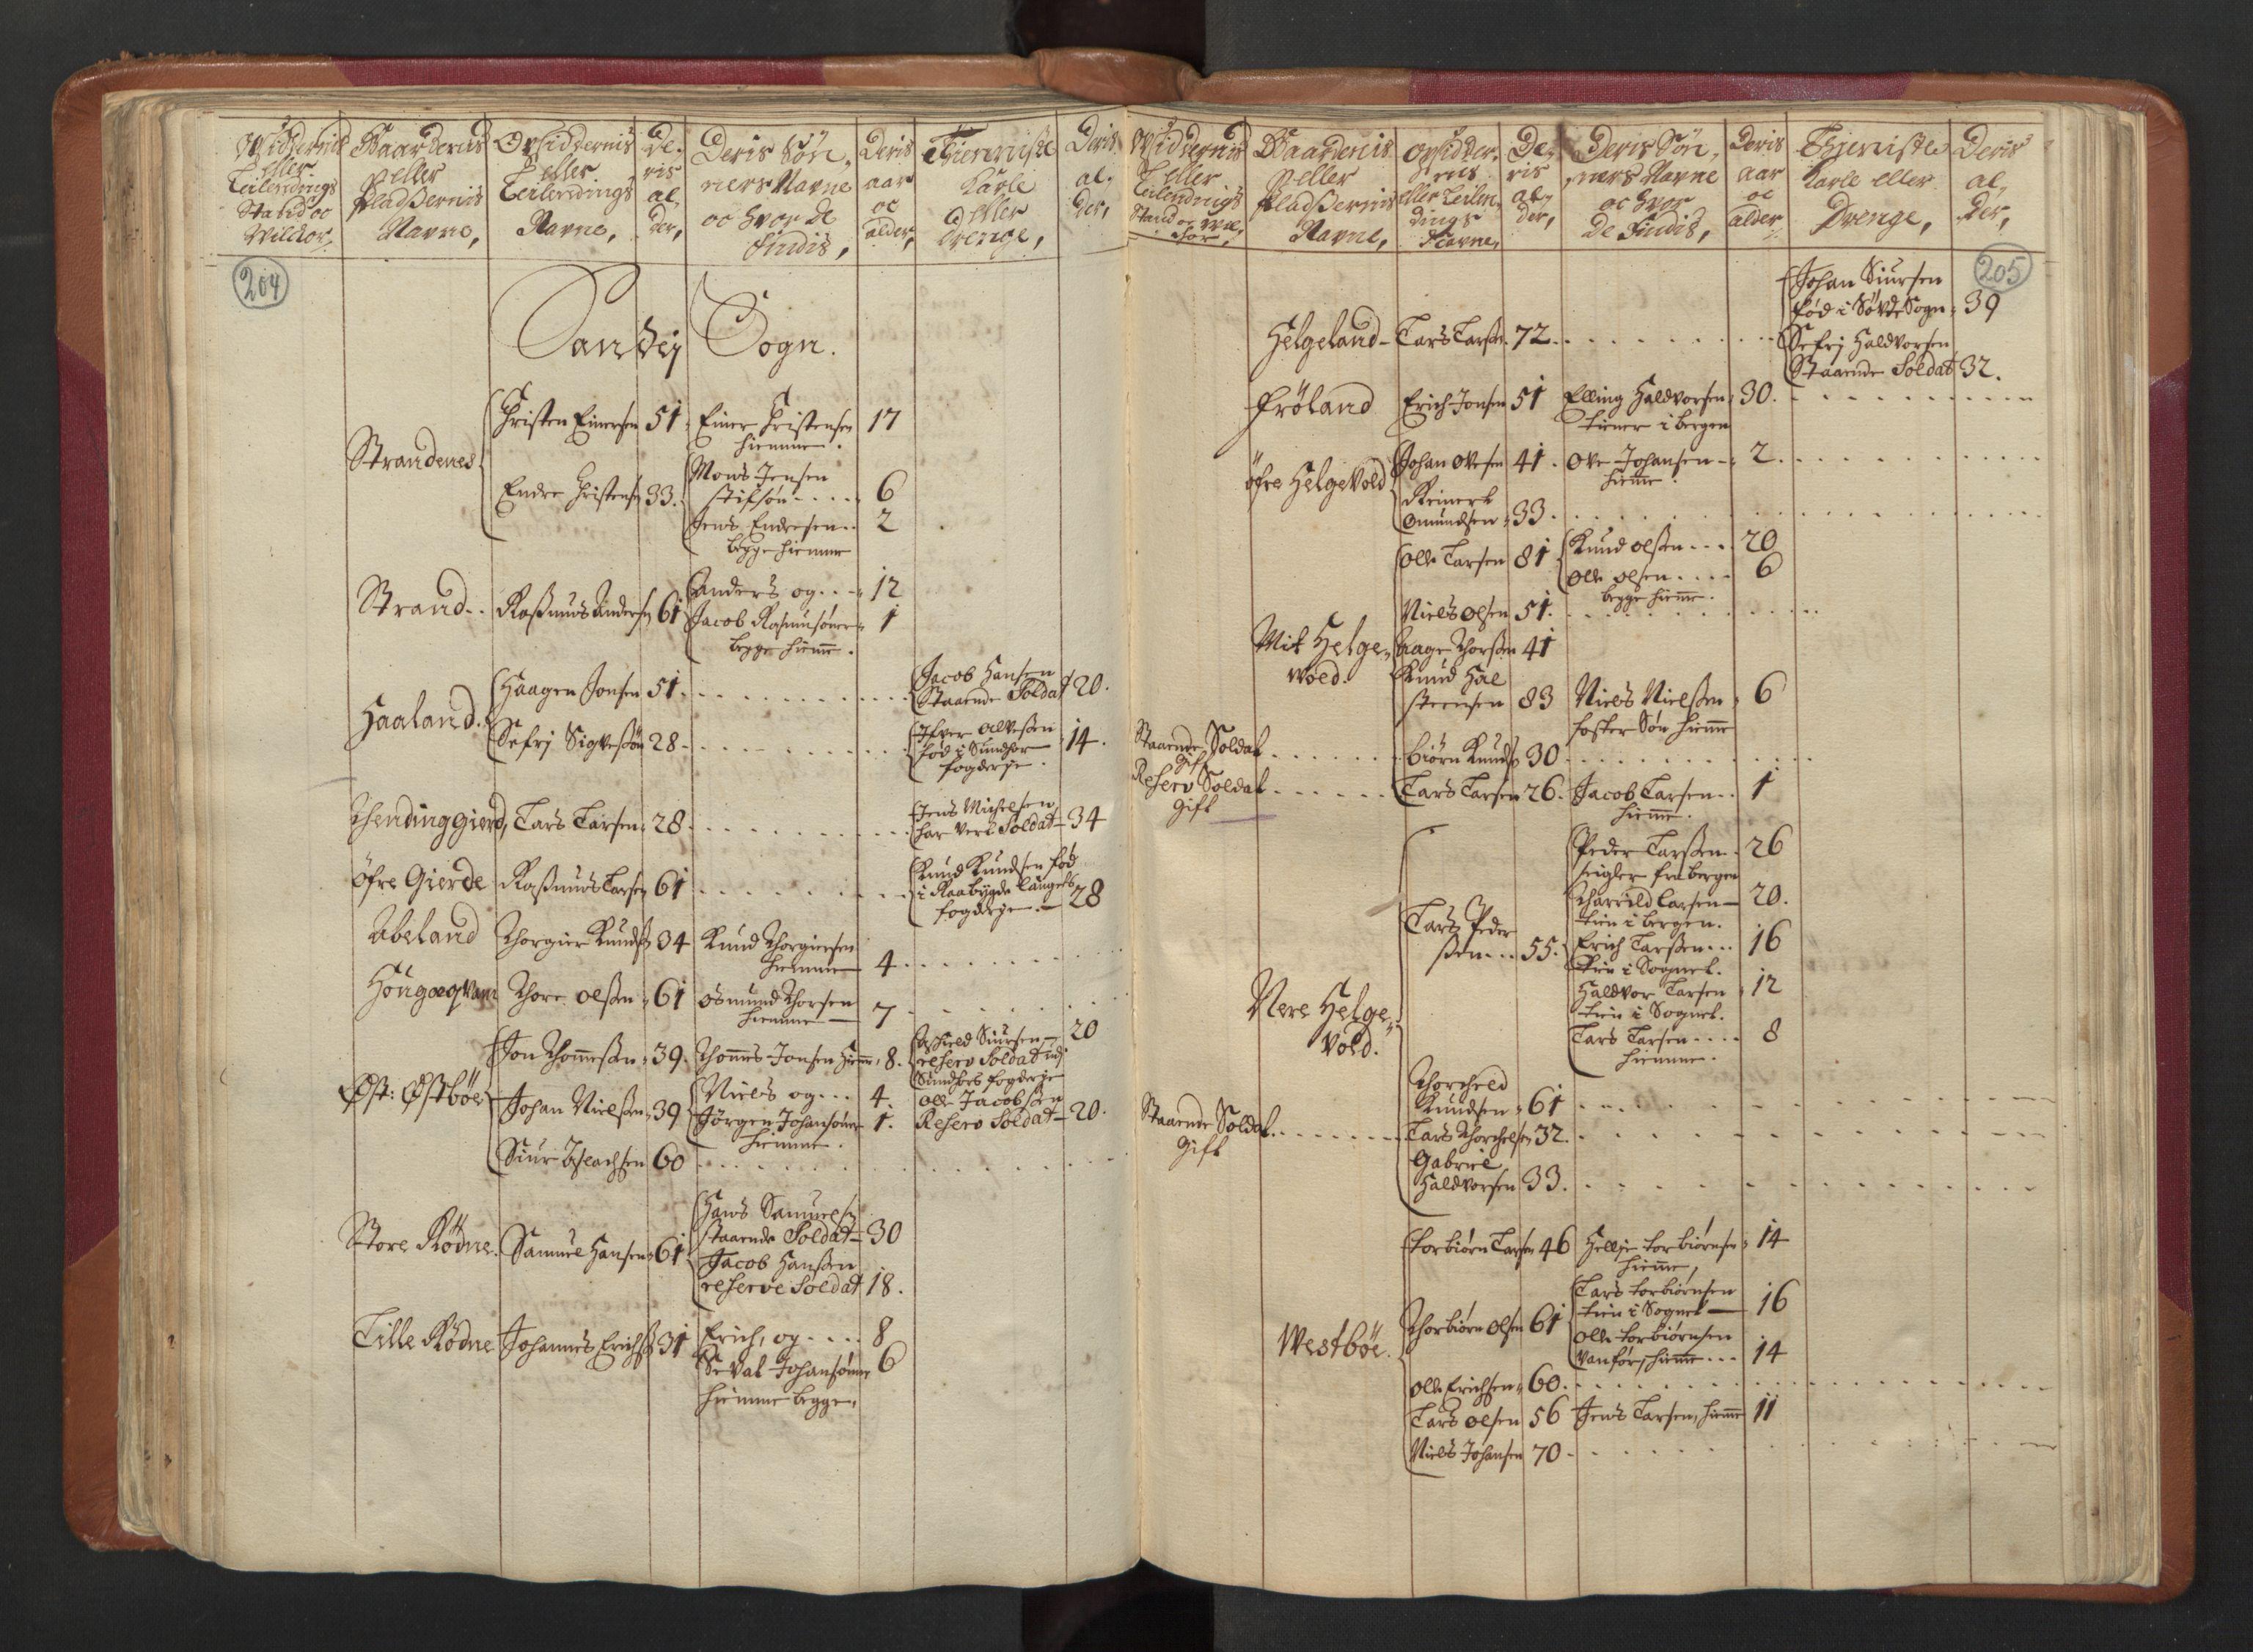 RA, Manntallet 1701, nr. 5: Ryfylke fogderi, 1701, s. 204-205